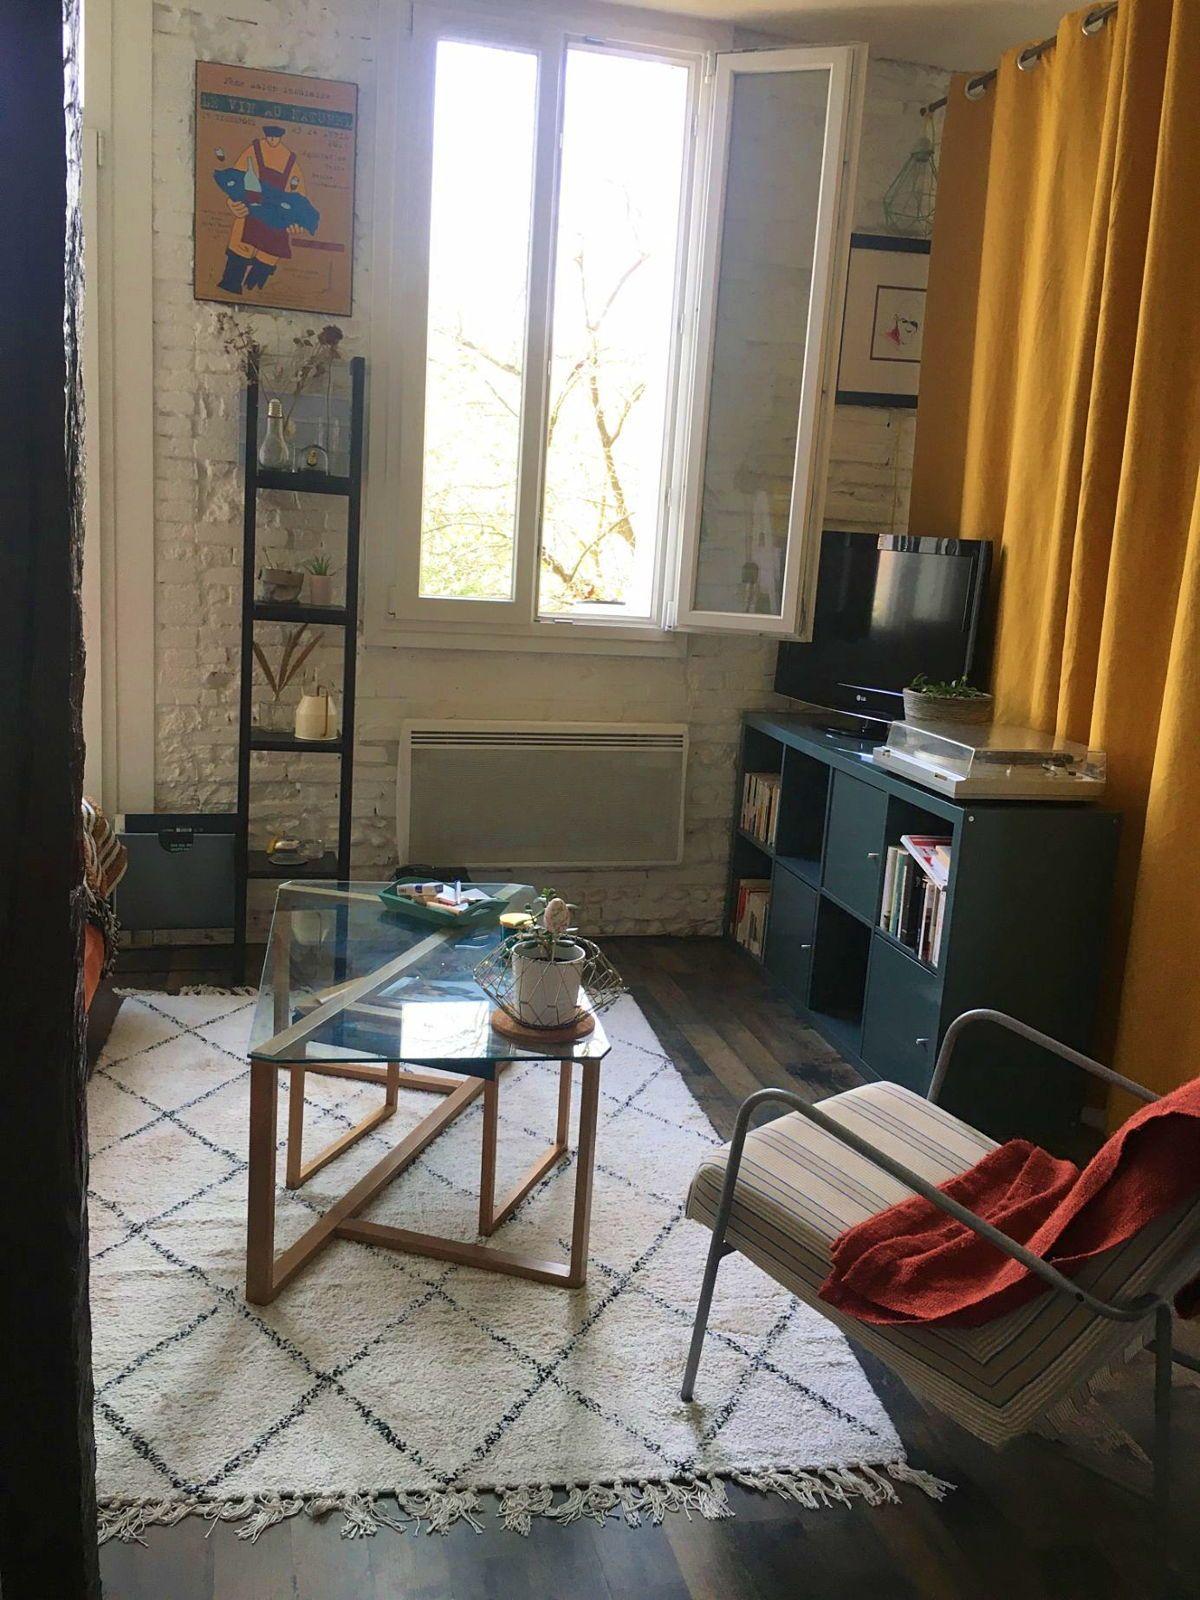 Loue 35m², 1chambre Quartier patte d'oie à Toulouse (31)